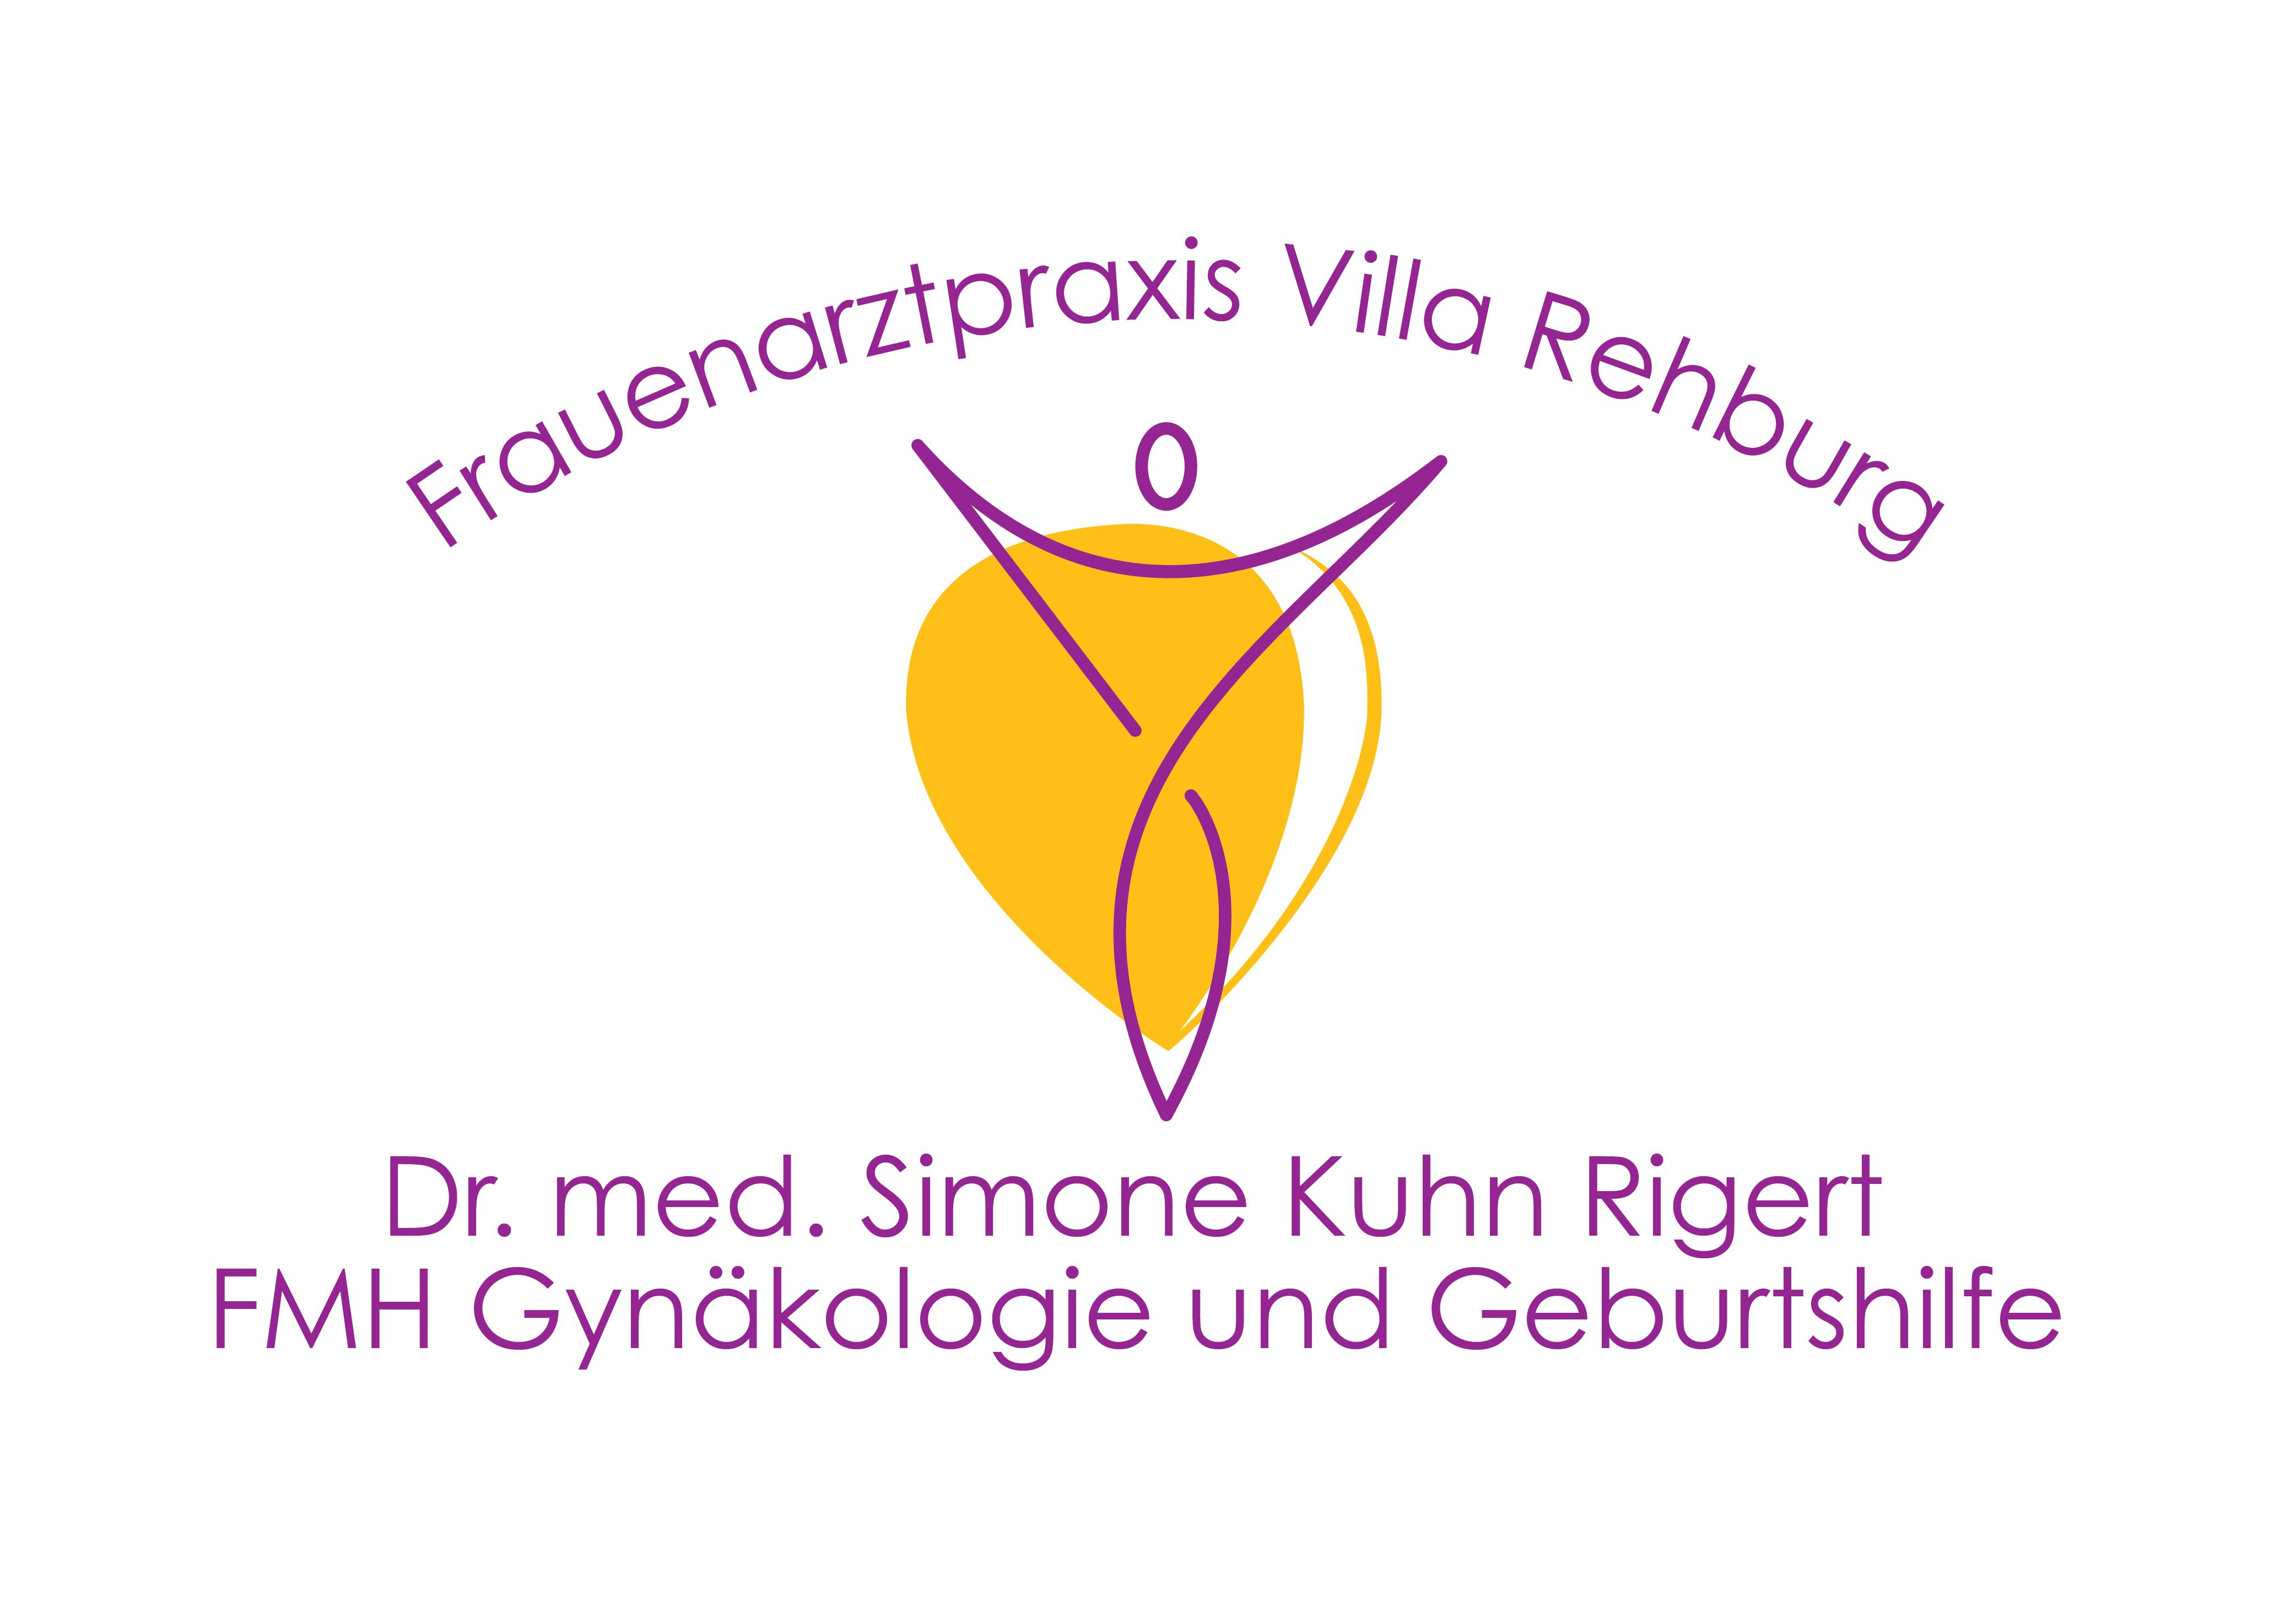 Dr. med. Kuhn Rigert Simone